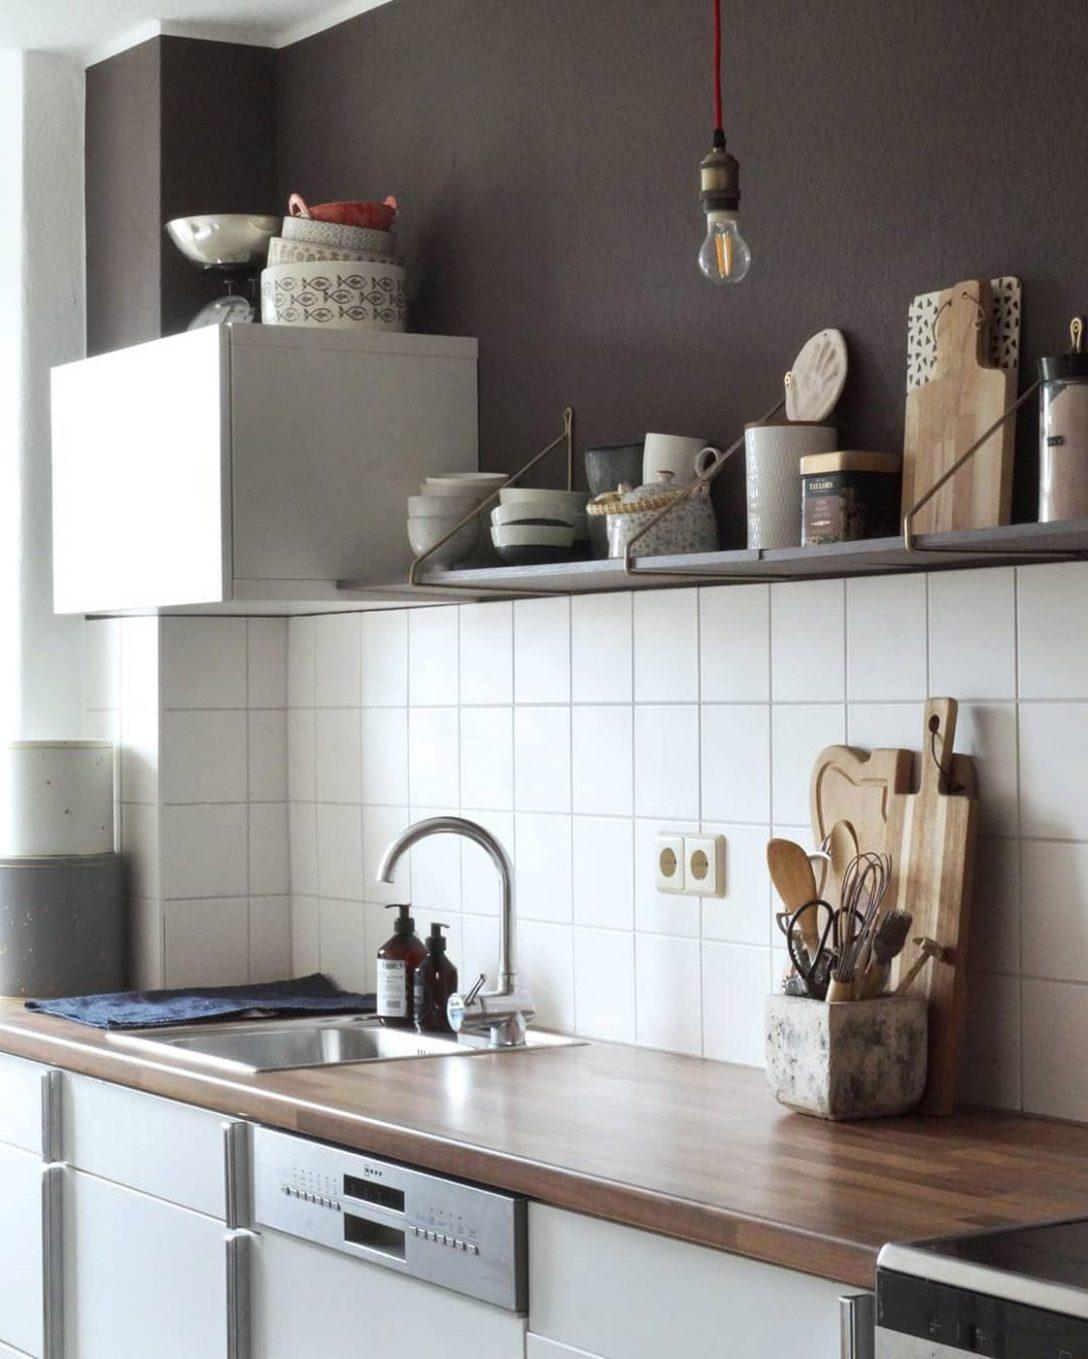 Large Size of Küche Einrichten Ideen Küche Einrichten Dekorieren Schmale Küche Einrichten Küche Einrichten Dachschräge Küche Küche Einrichten